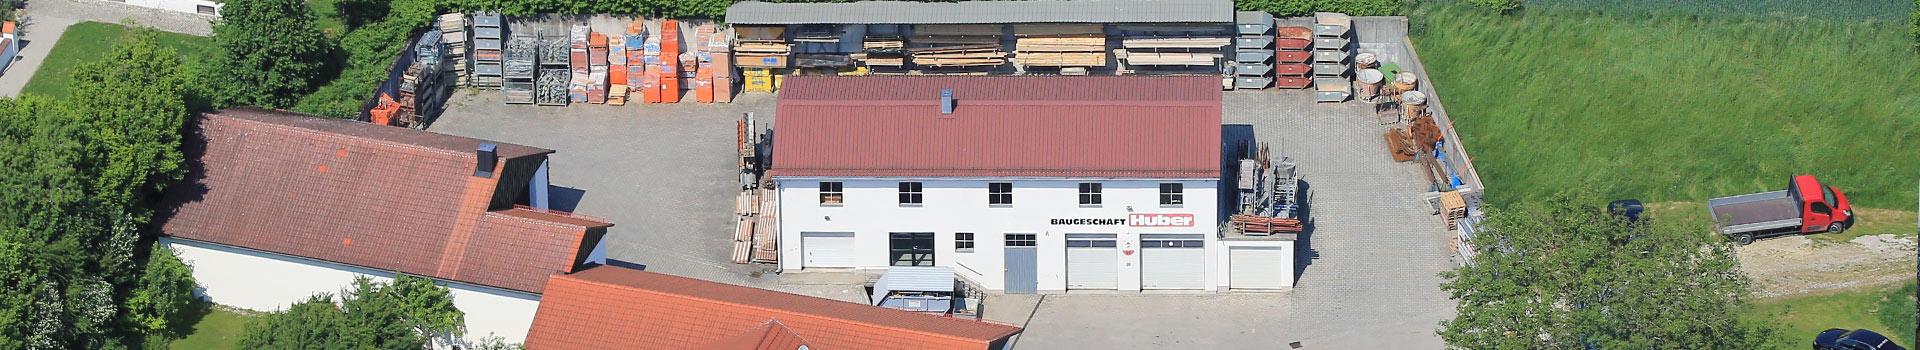 Der Firmensitz des Baugeschäft huber in Inning am Holz